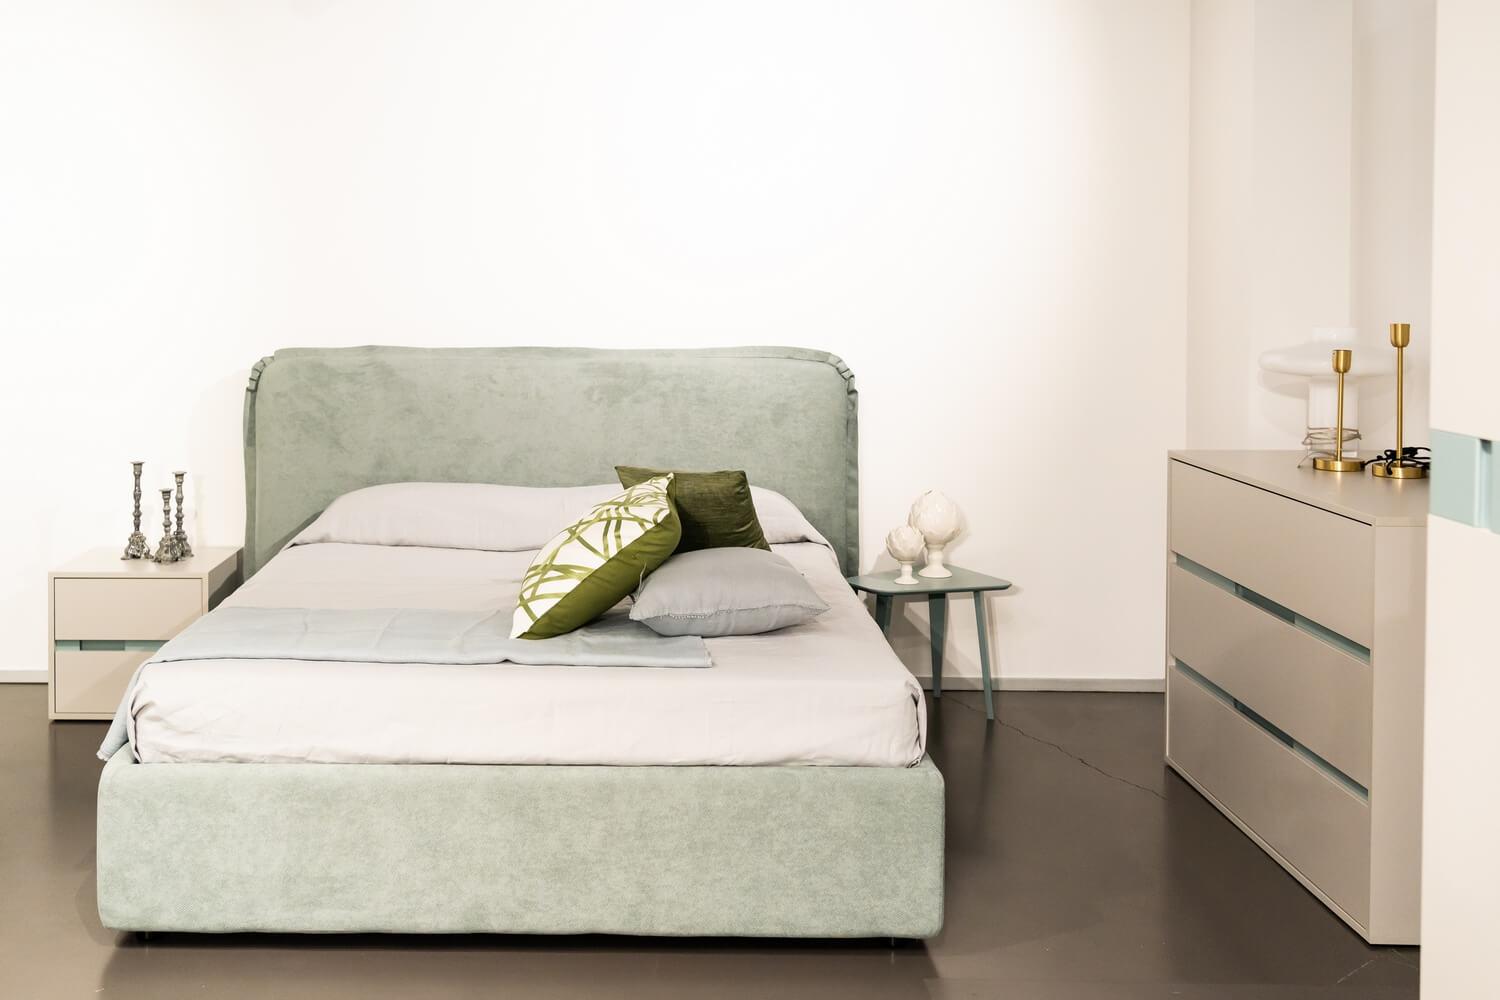 Camere da letto arredamento design EdilDesign Cavallermaggiore Cuneo Ediltutto